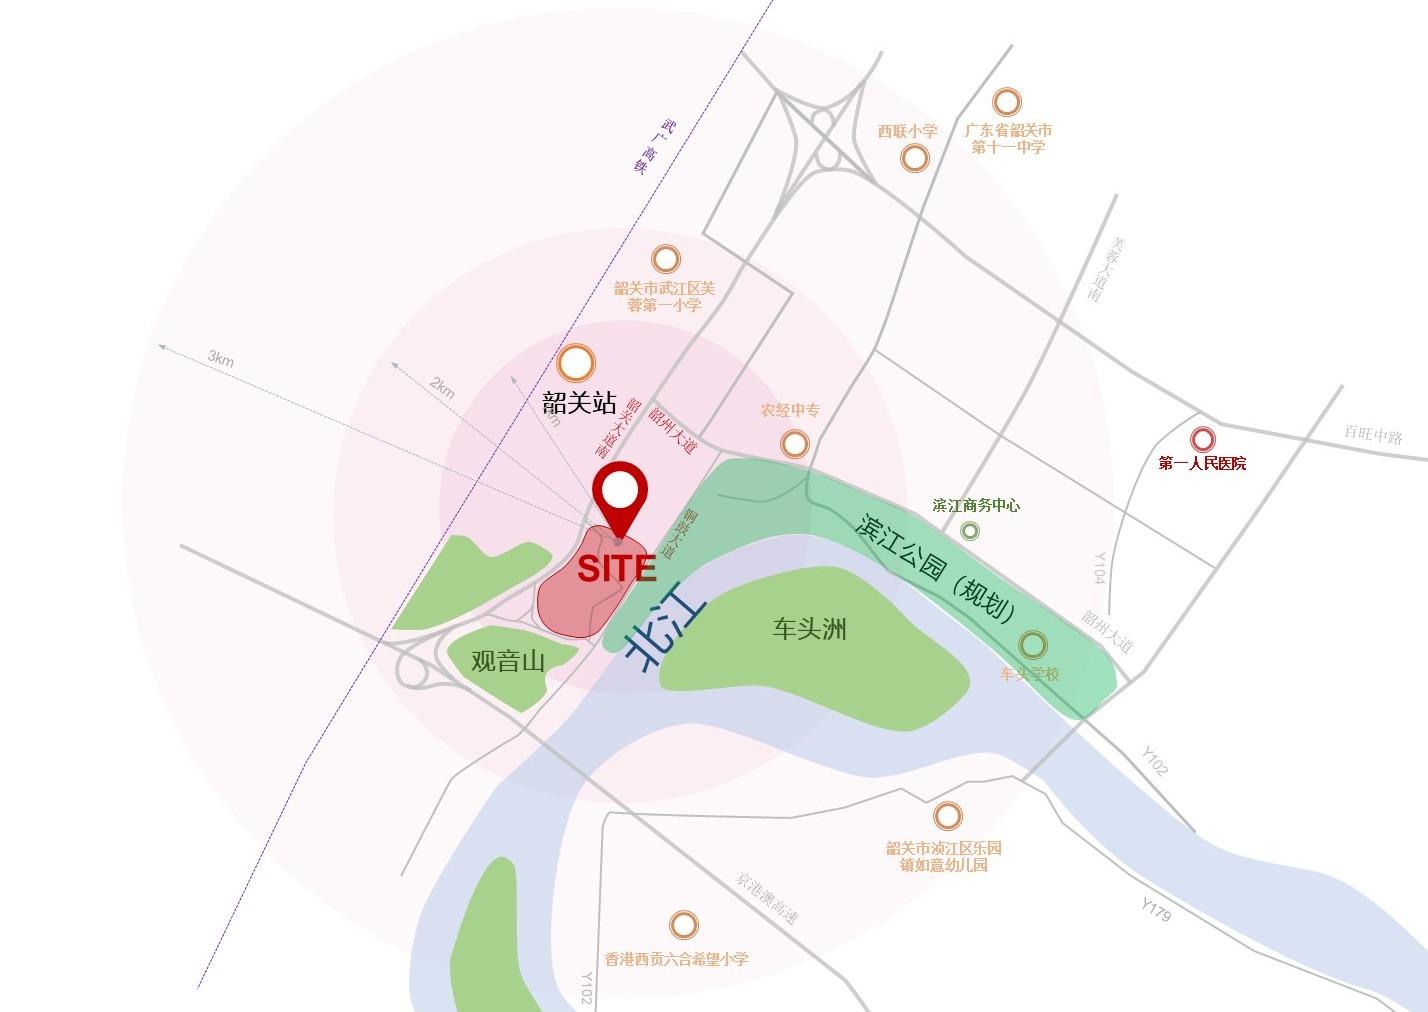 20200715 韶关中骏·雍景湾项目景观示范区方案(无连接)gg.jpg